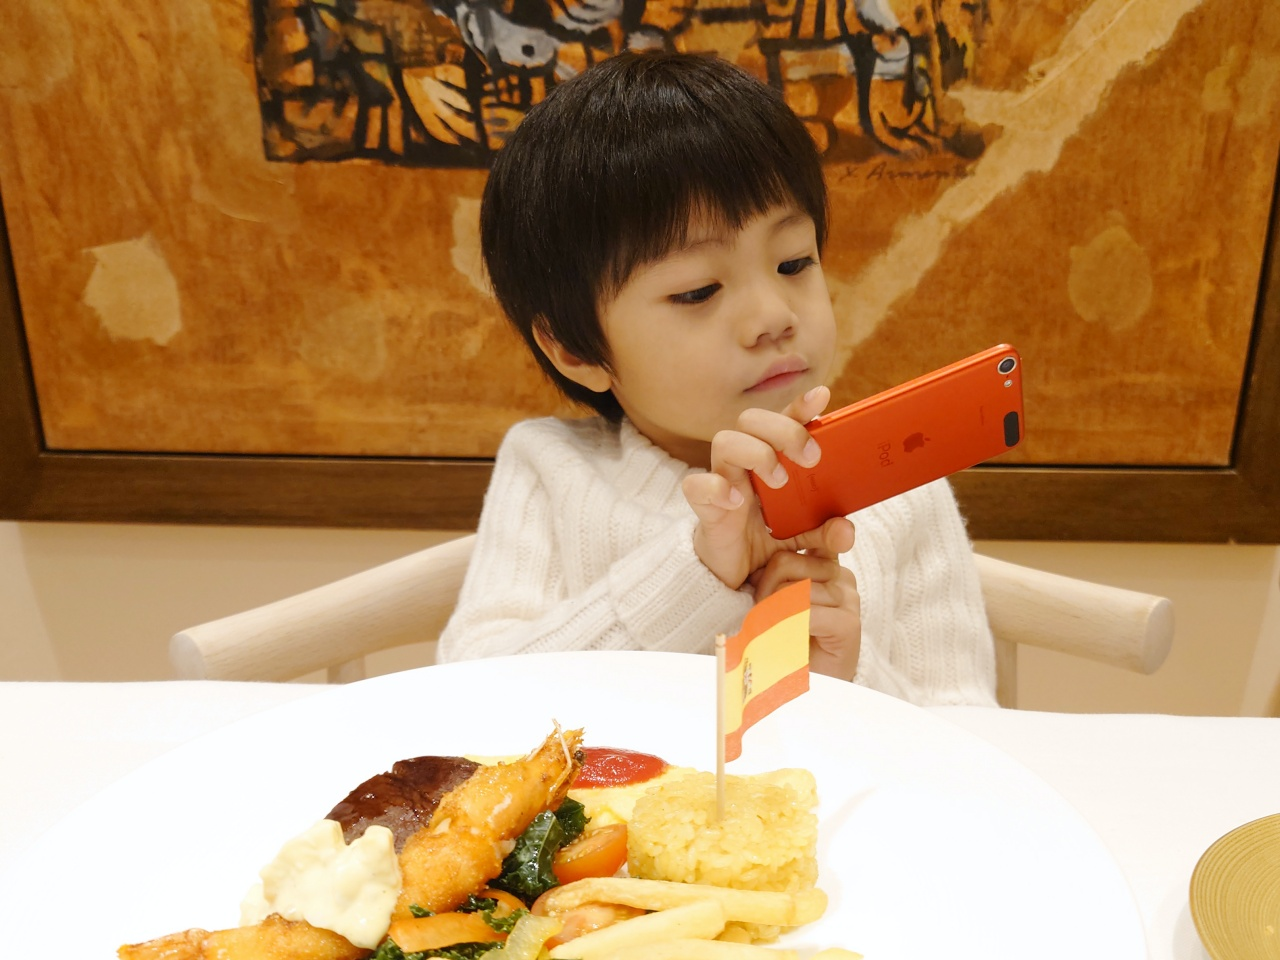 iPod touch Junya Ishino